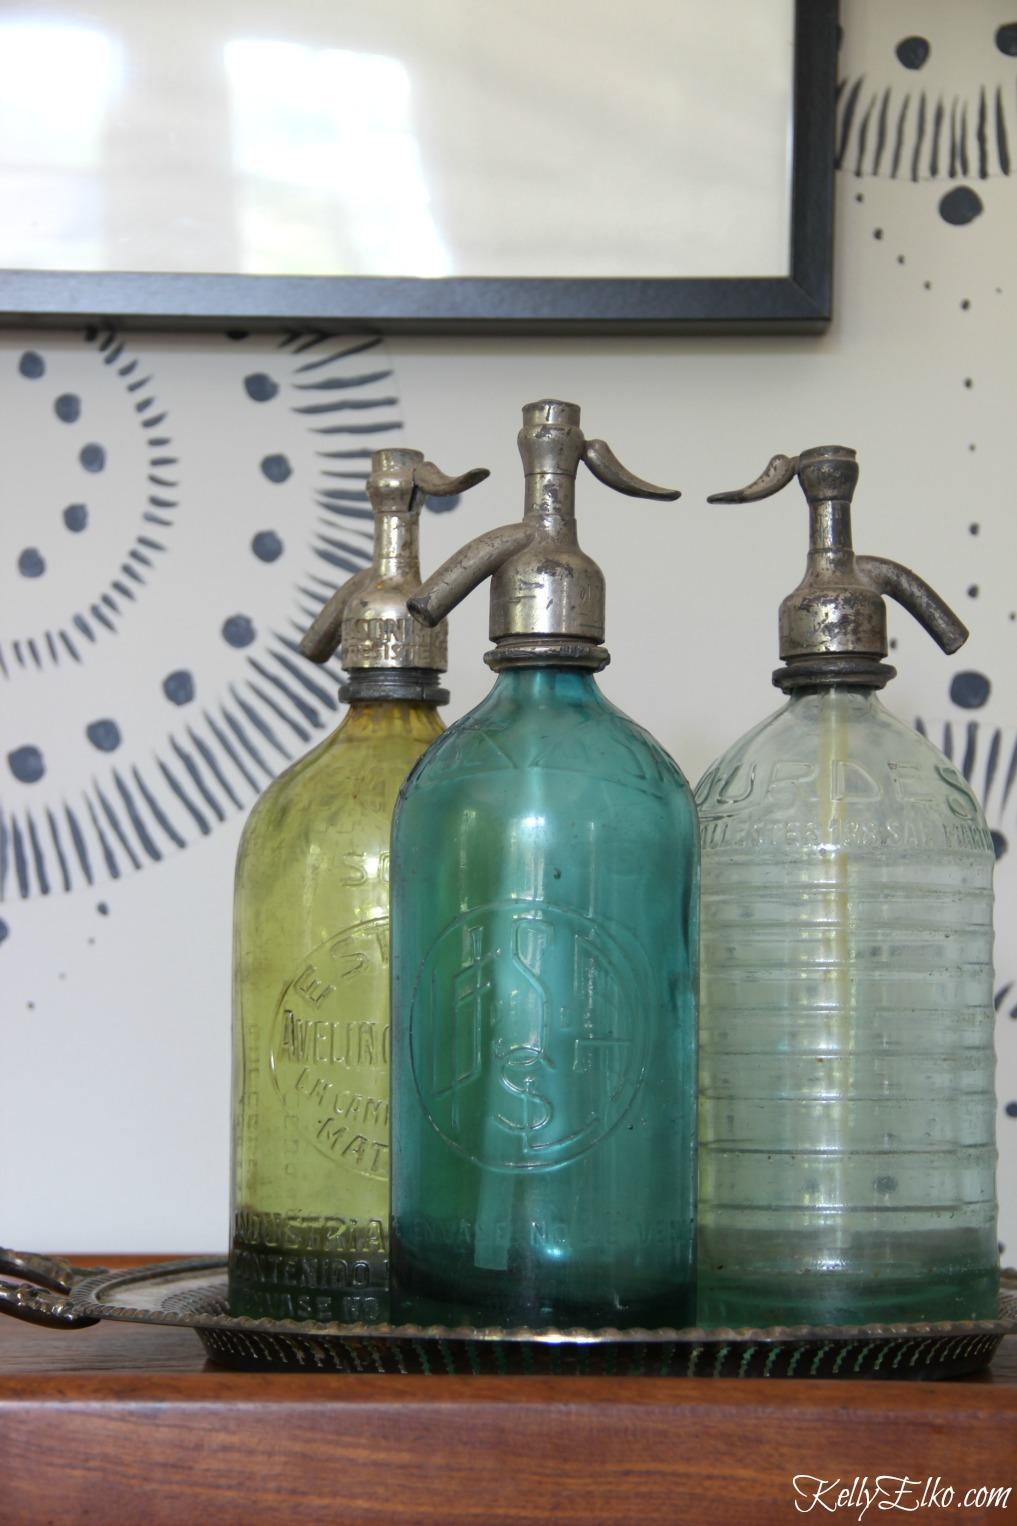 Vintage seltzer bottles kellyelko.com #vintage #collections #vintagedecor